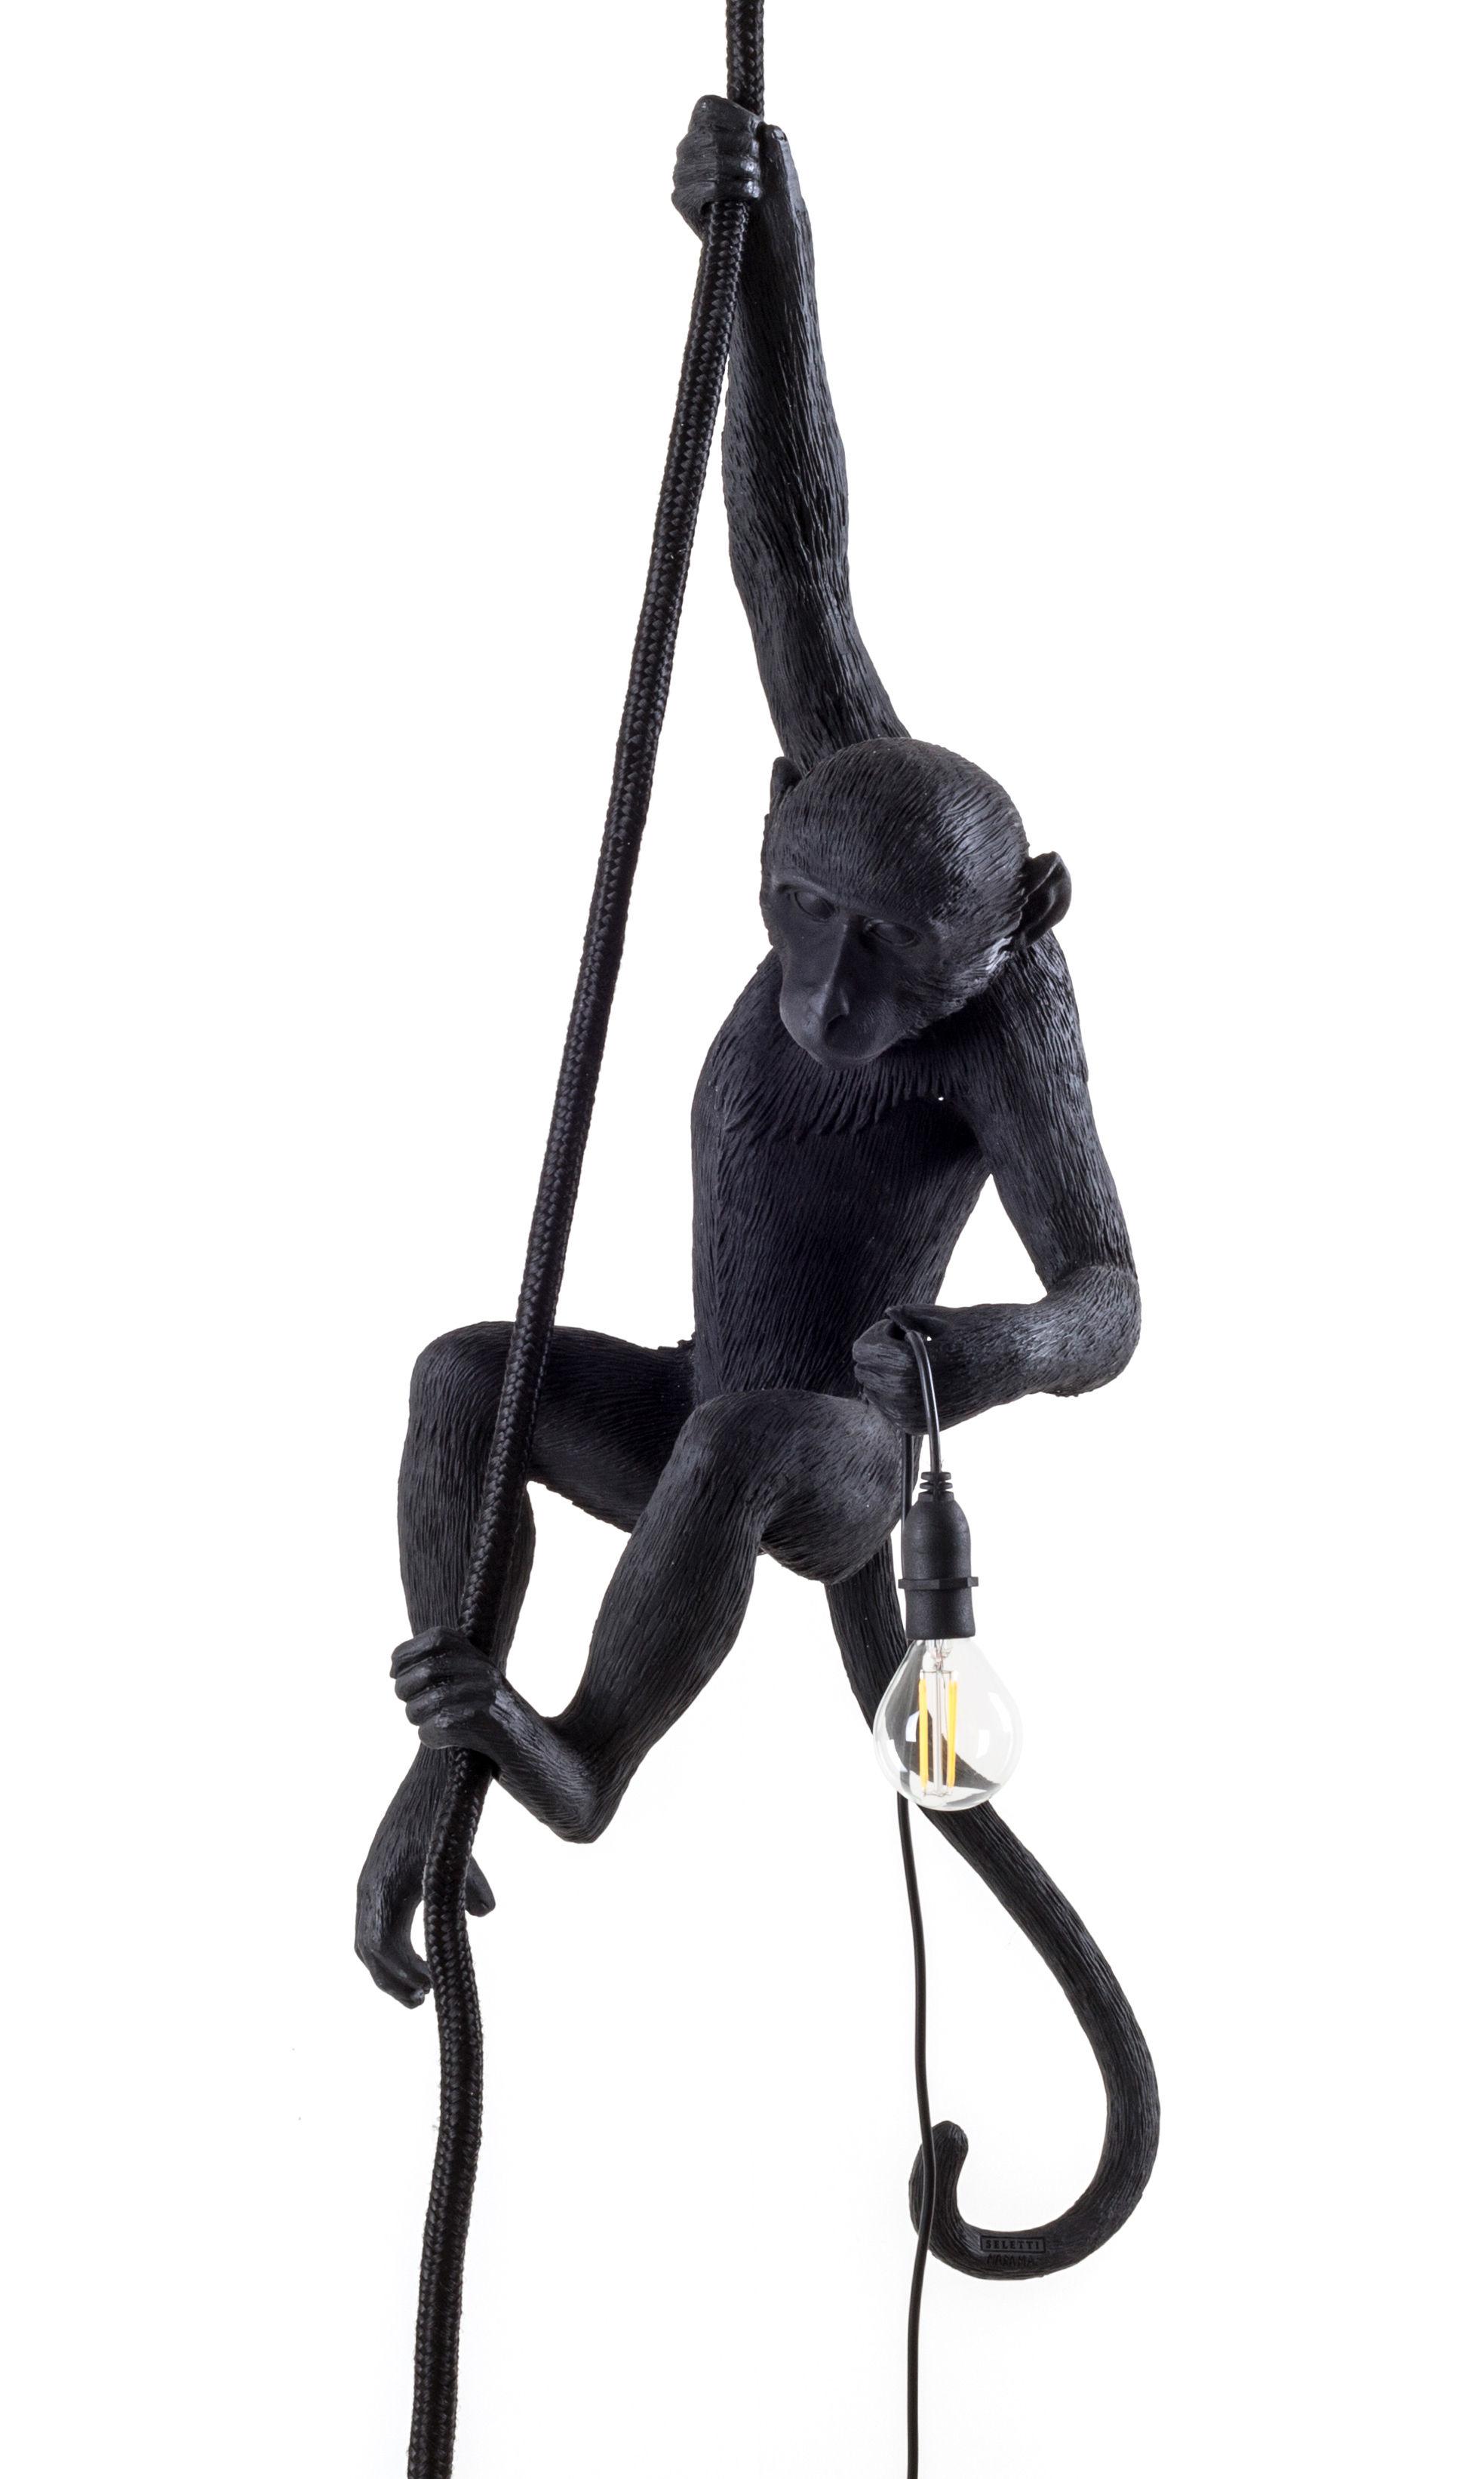 Luminaire - Suspensions - Suspension Monkey Hanging / Outdoor - H 80 cm - Seletti - Noir - Résine